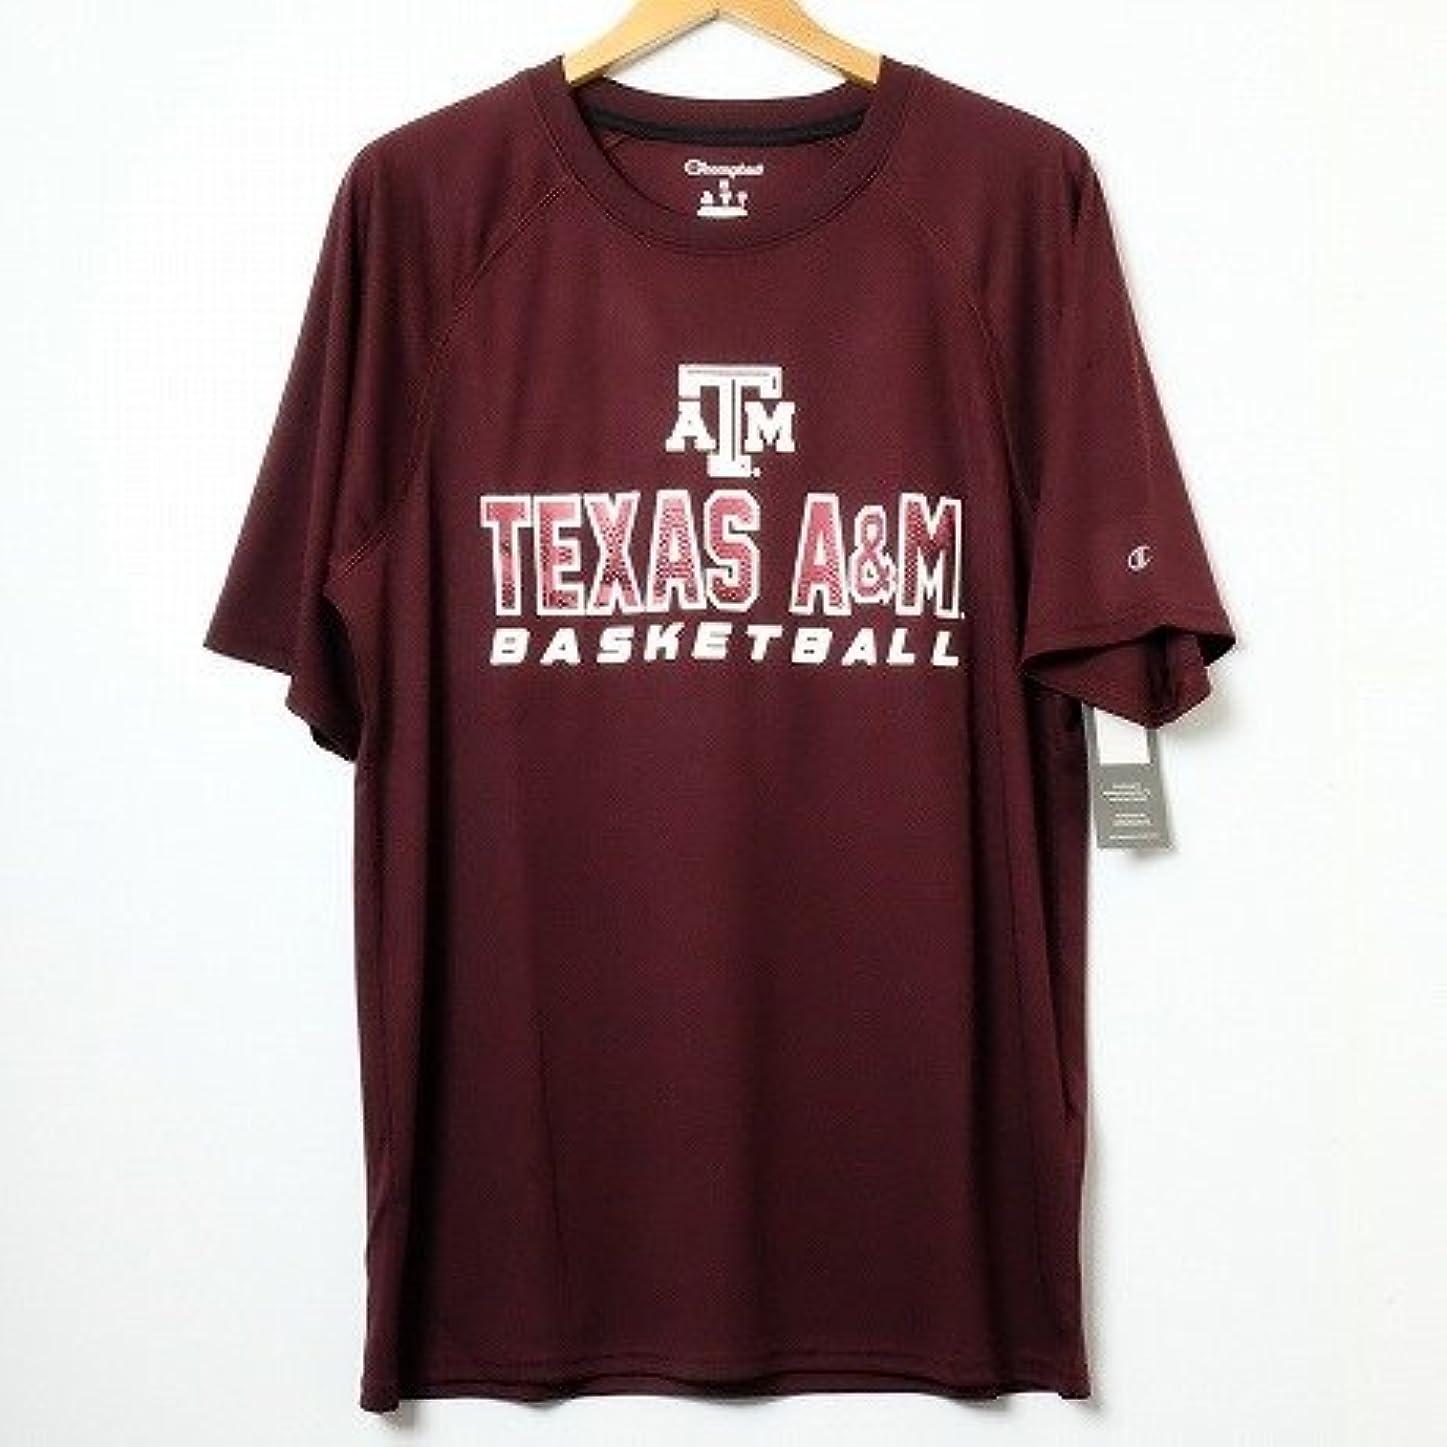 つかまえる模索ランチョンChampion USA 【チャンピオン】?NCAA?S/S-Tshirt カレッジプリント半袖TシャツテキサスA&M大学 バーガンディー